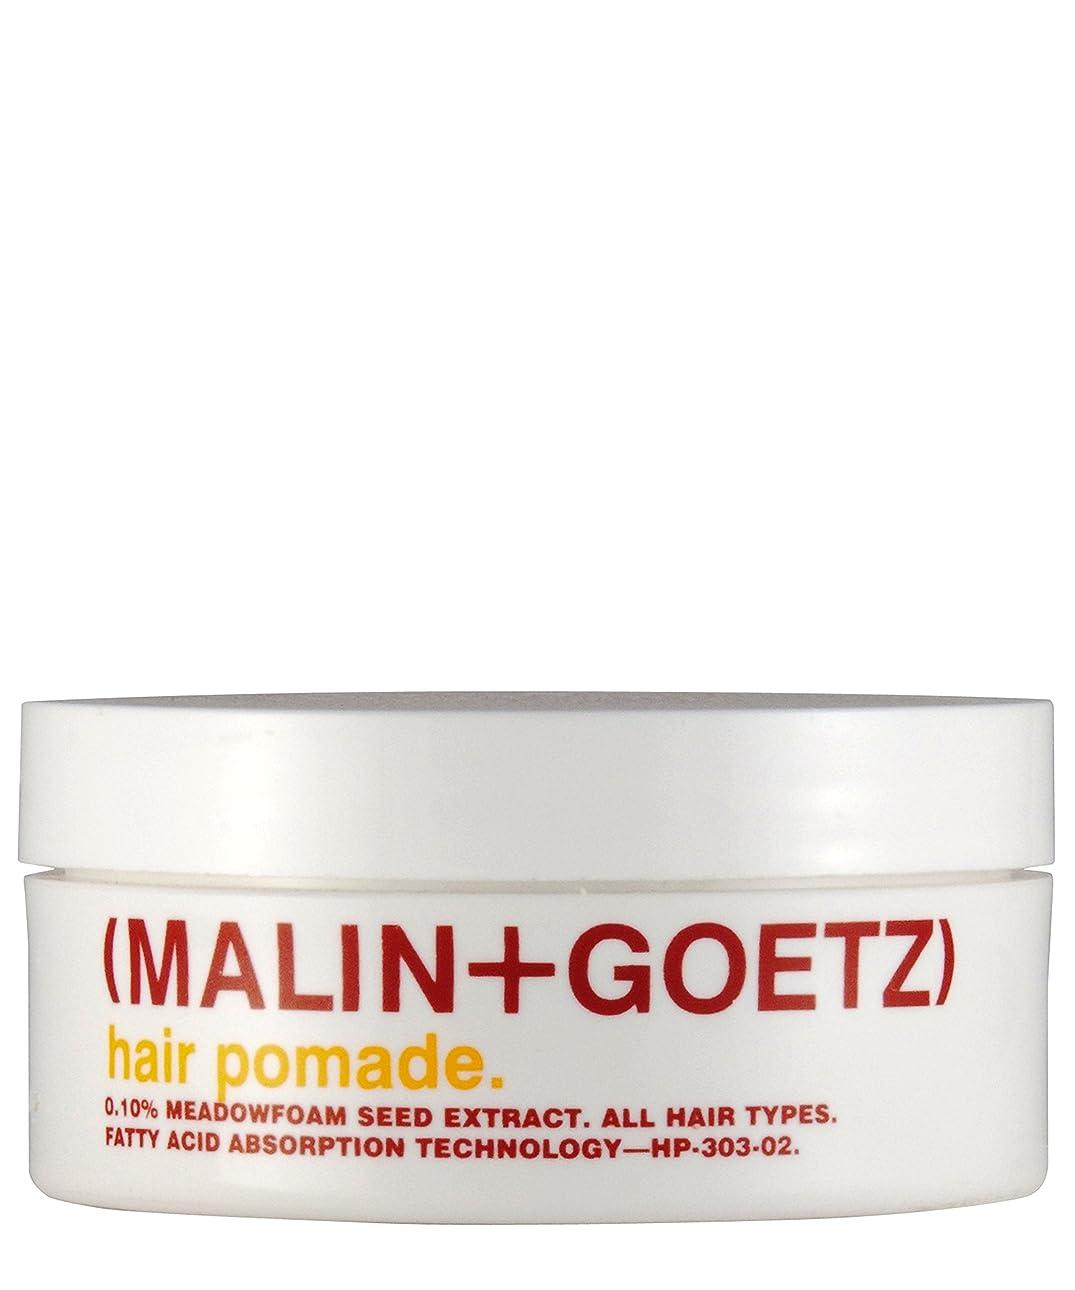 行く彼女市長MALIN+GOETZ Hair Pomade, Malin+Goetz - マリン+ゲッツヘアポマード、マリン+ゲッツ [並行輸入品]